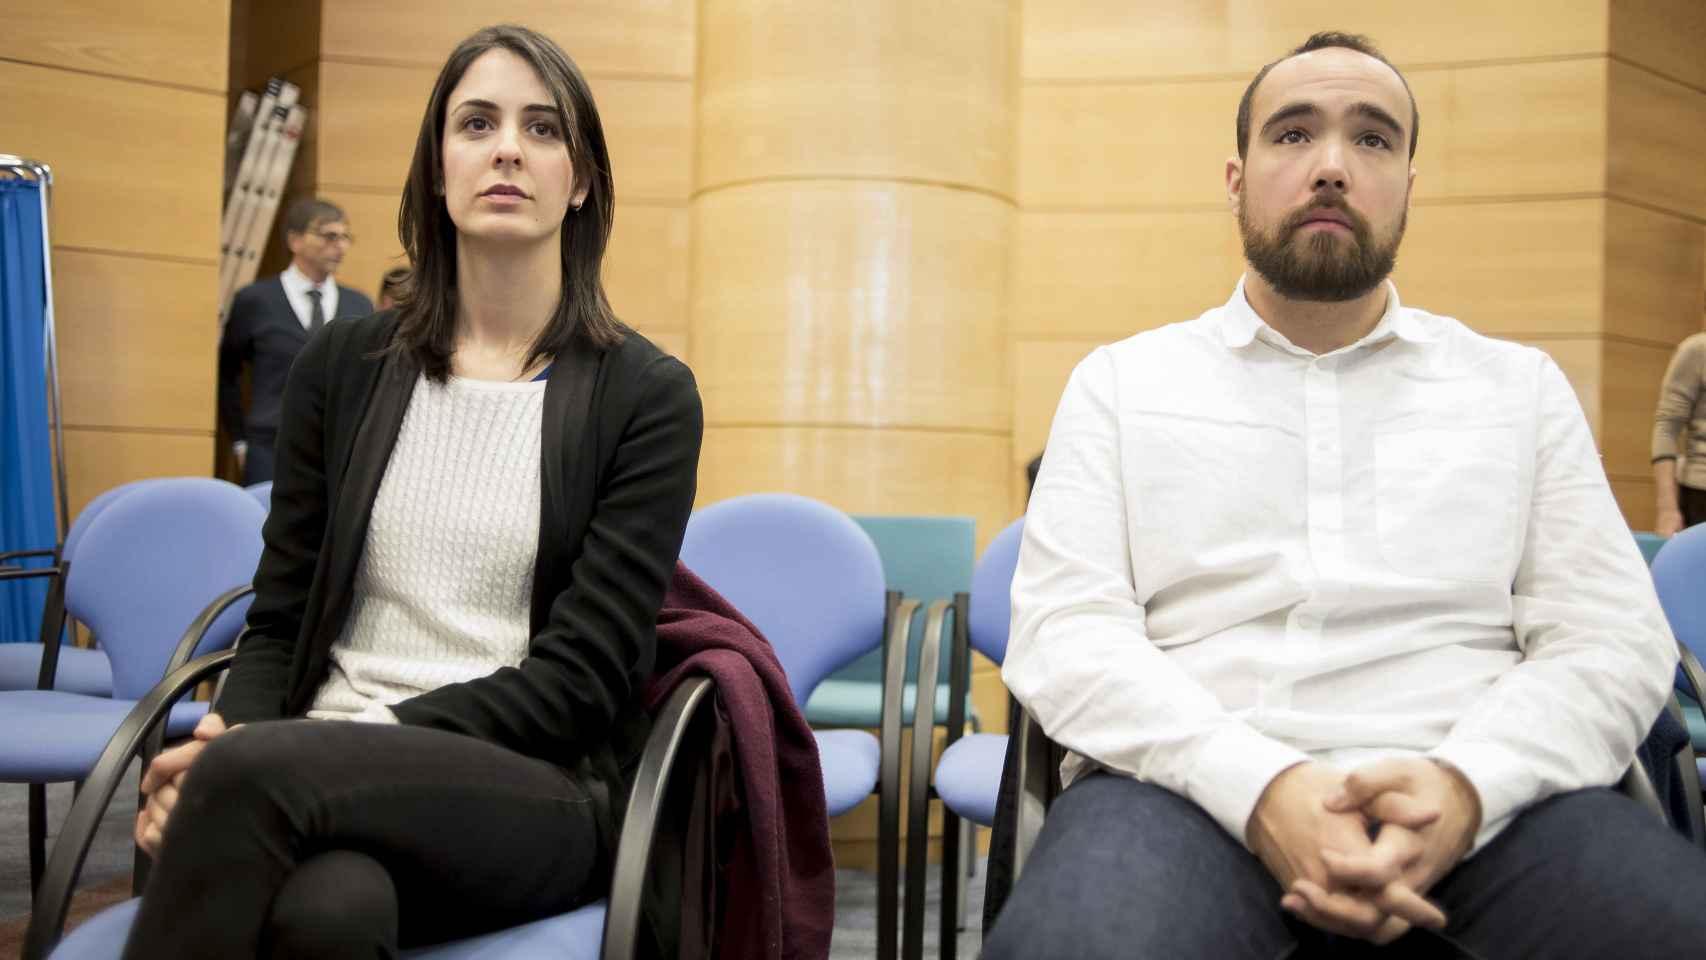 Rita Maestre y Héctor Meleiro en un momento del juicio